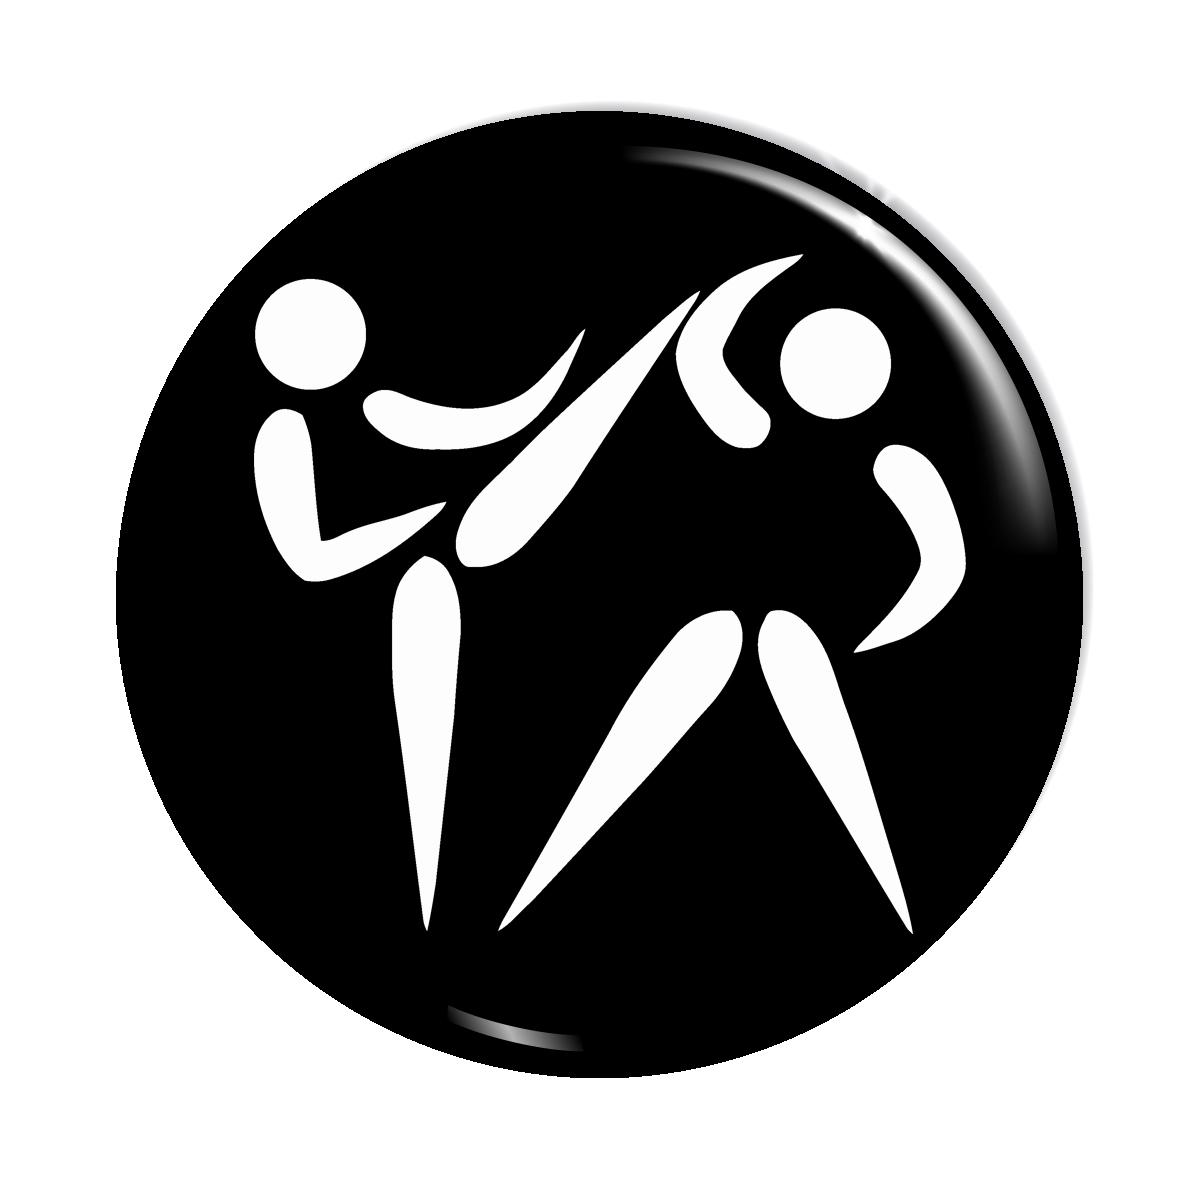 پیکسل آسانا طرح ورزش تکواندو کد ASA158